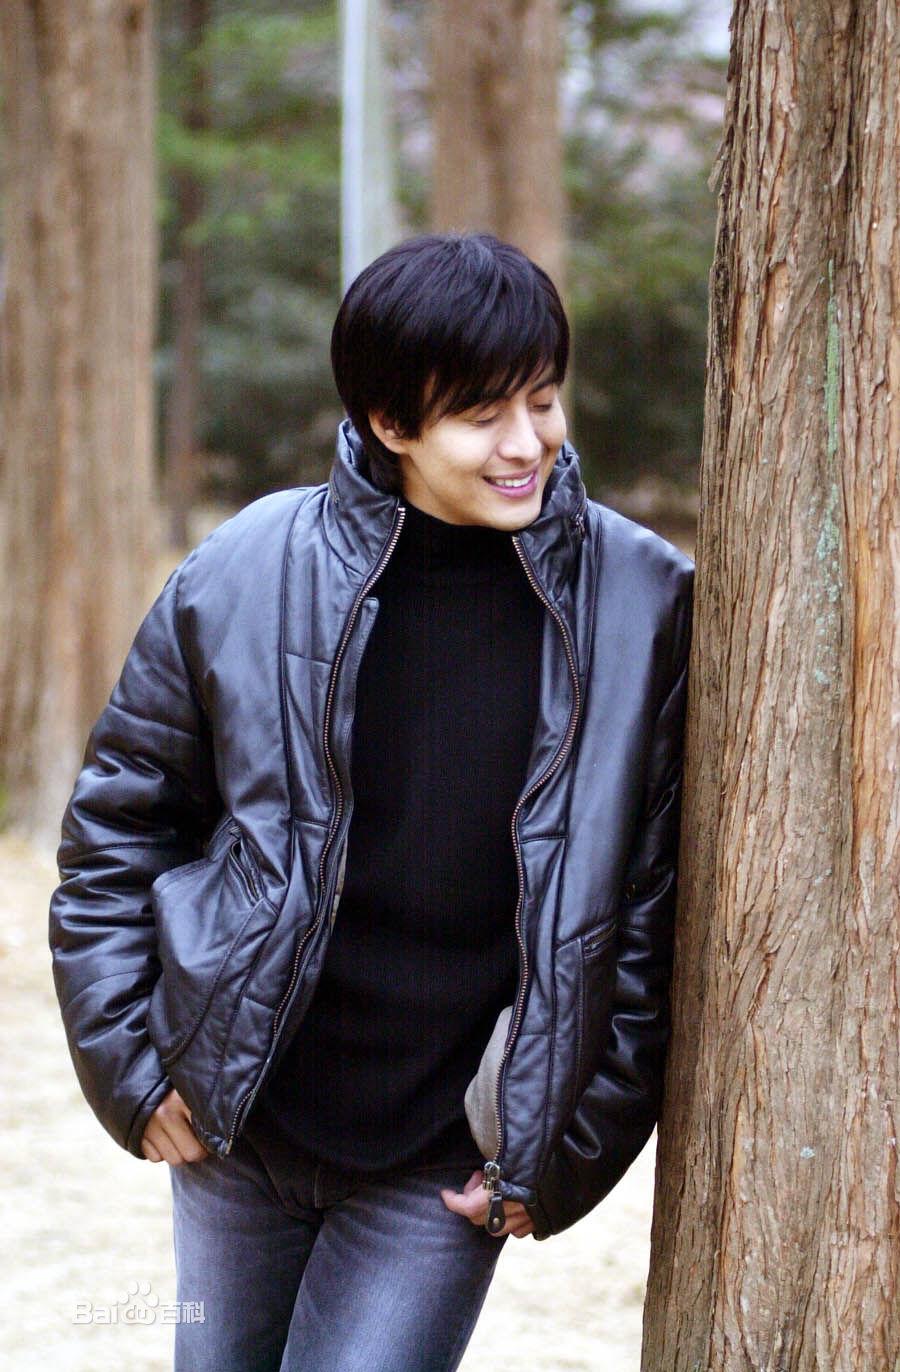 裴勇俊的公司_裴勇俊-明星代言选北京星光闪耀-中国最大的明星代言公司